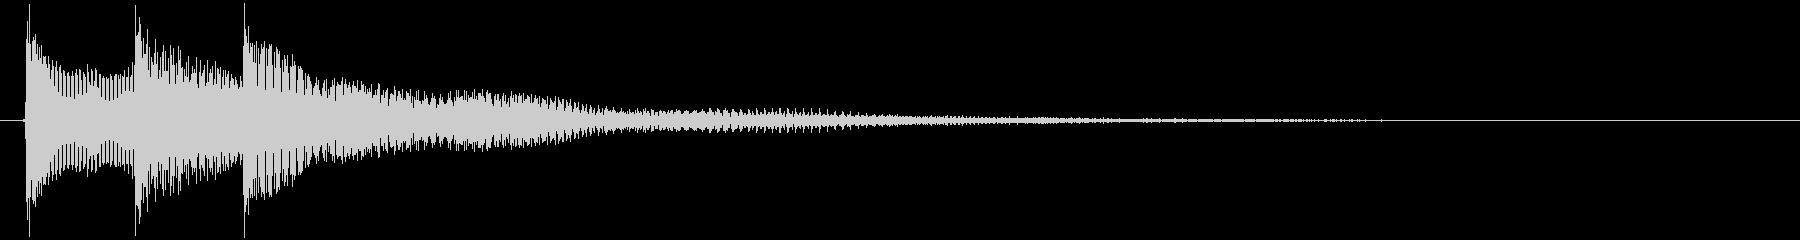 チャラリン(お知らせアラート音ベル)の未再生の波形